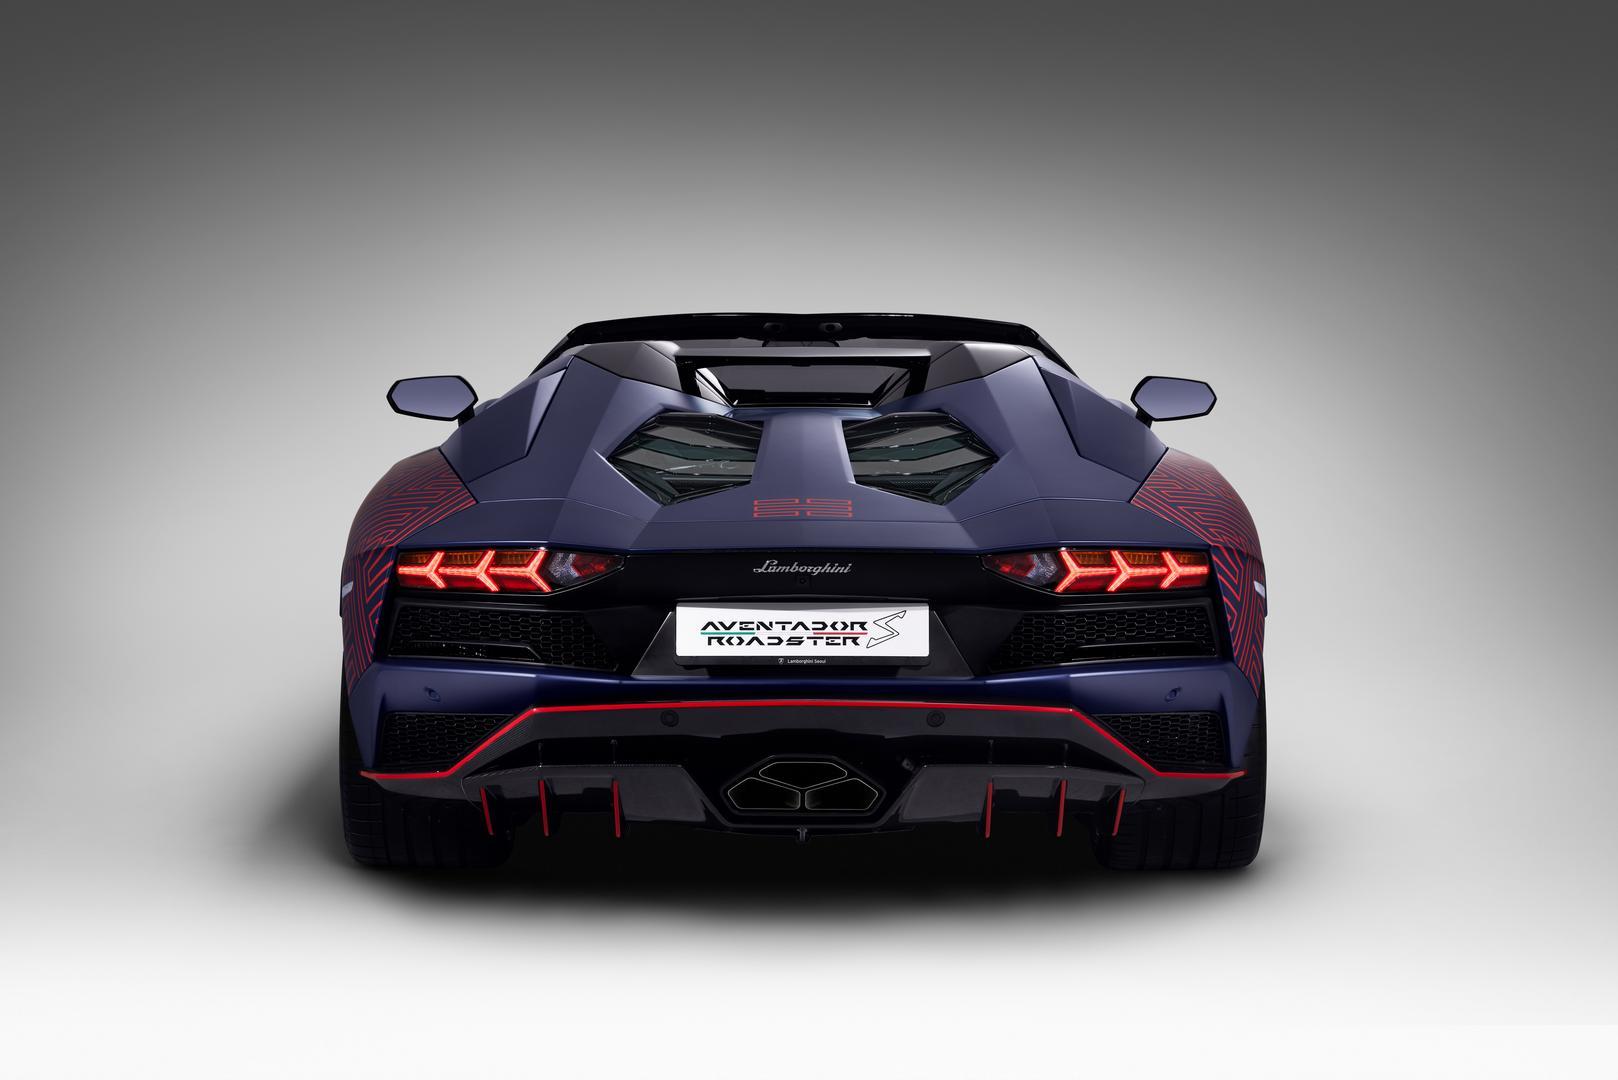 Aventador S Roadster rear